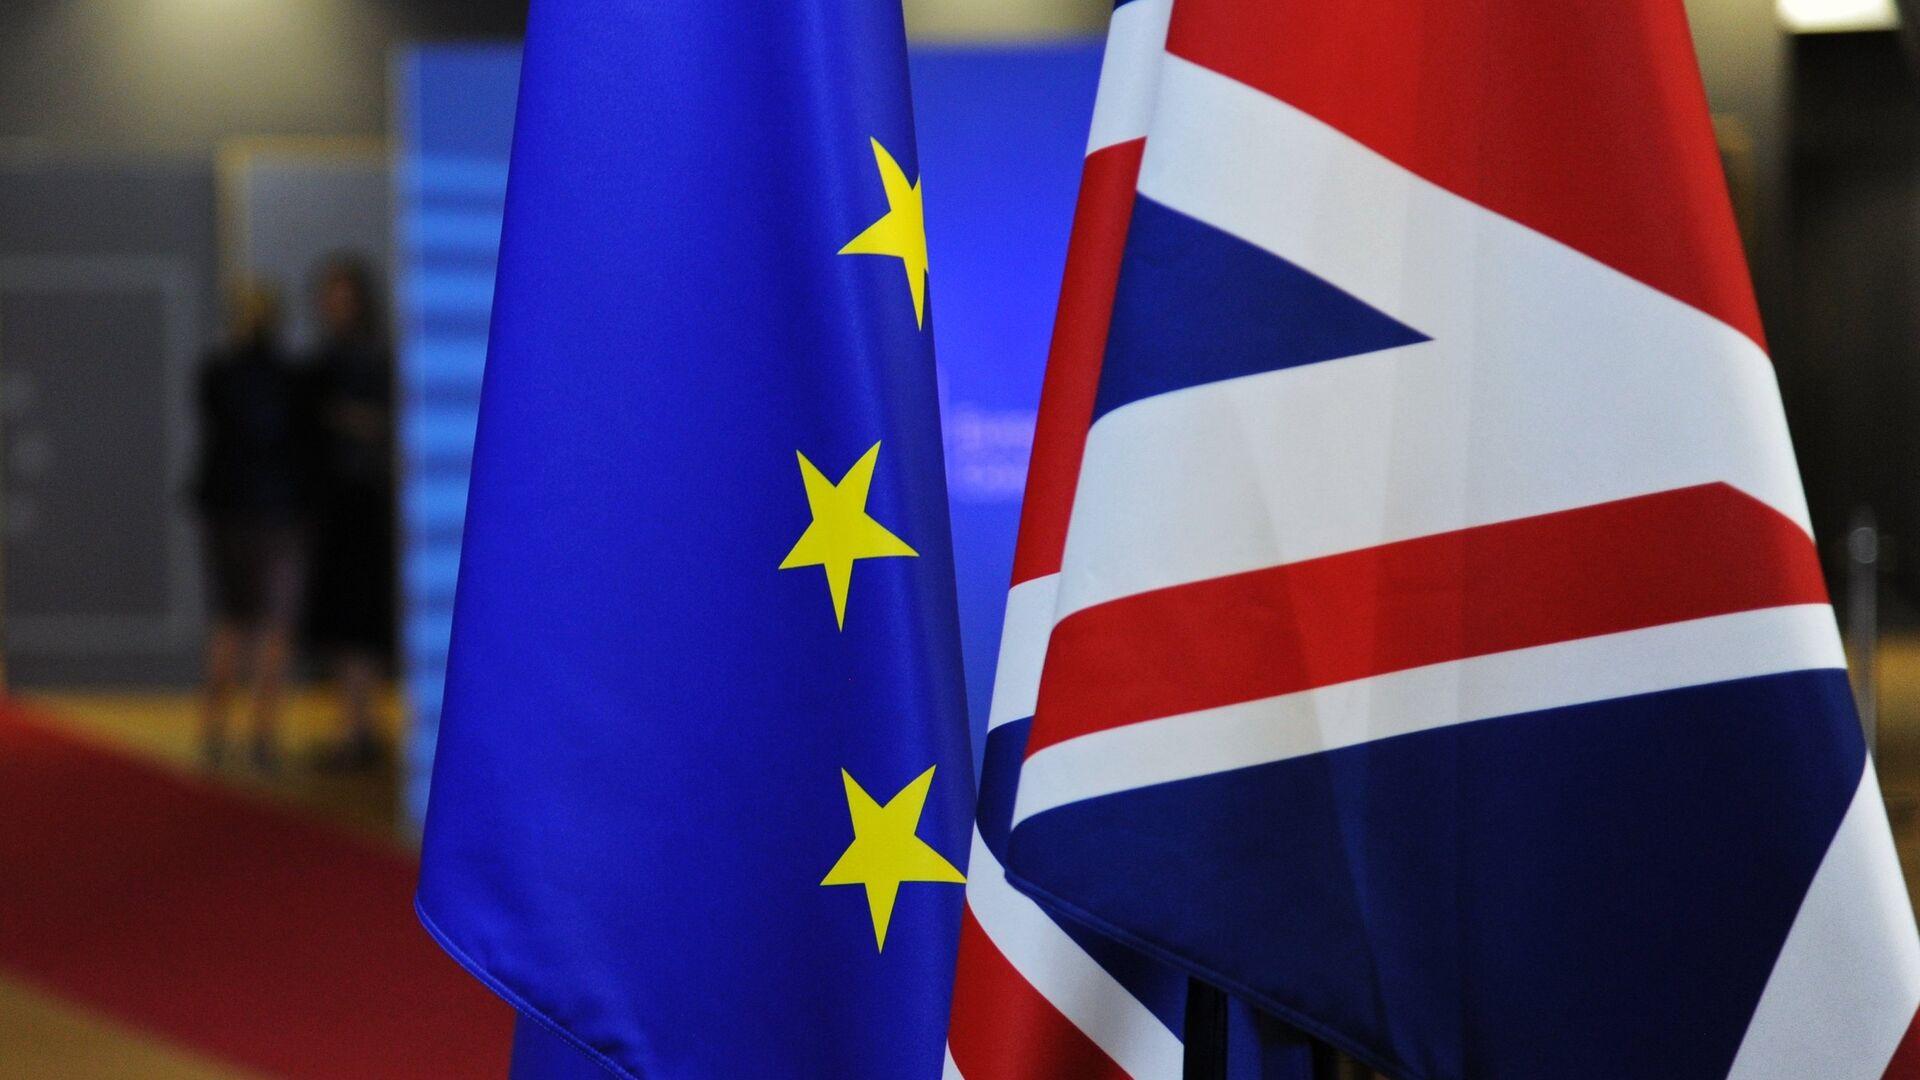 Флаги Европейского союза и Великобритании перед началом саммита ЕС в Брюсселе - РИА Новости, 1920, 14.12.2020